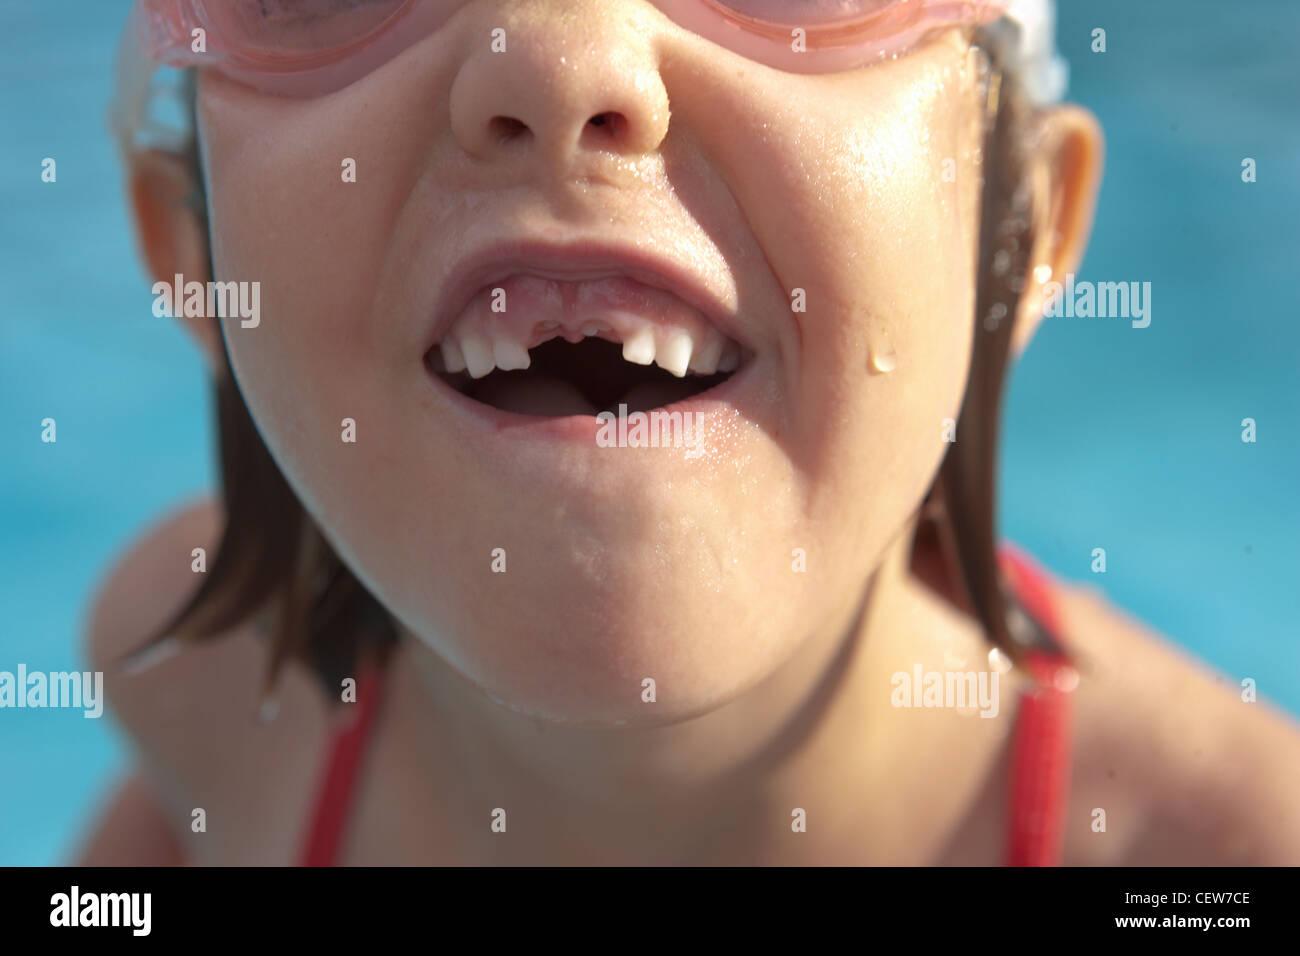 Nahaufnahme des Mädchens mit den vorderen Zähnen fehlt Stockfoto